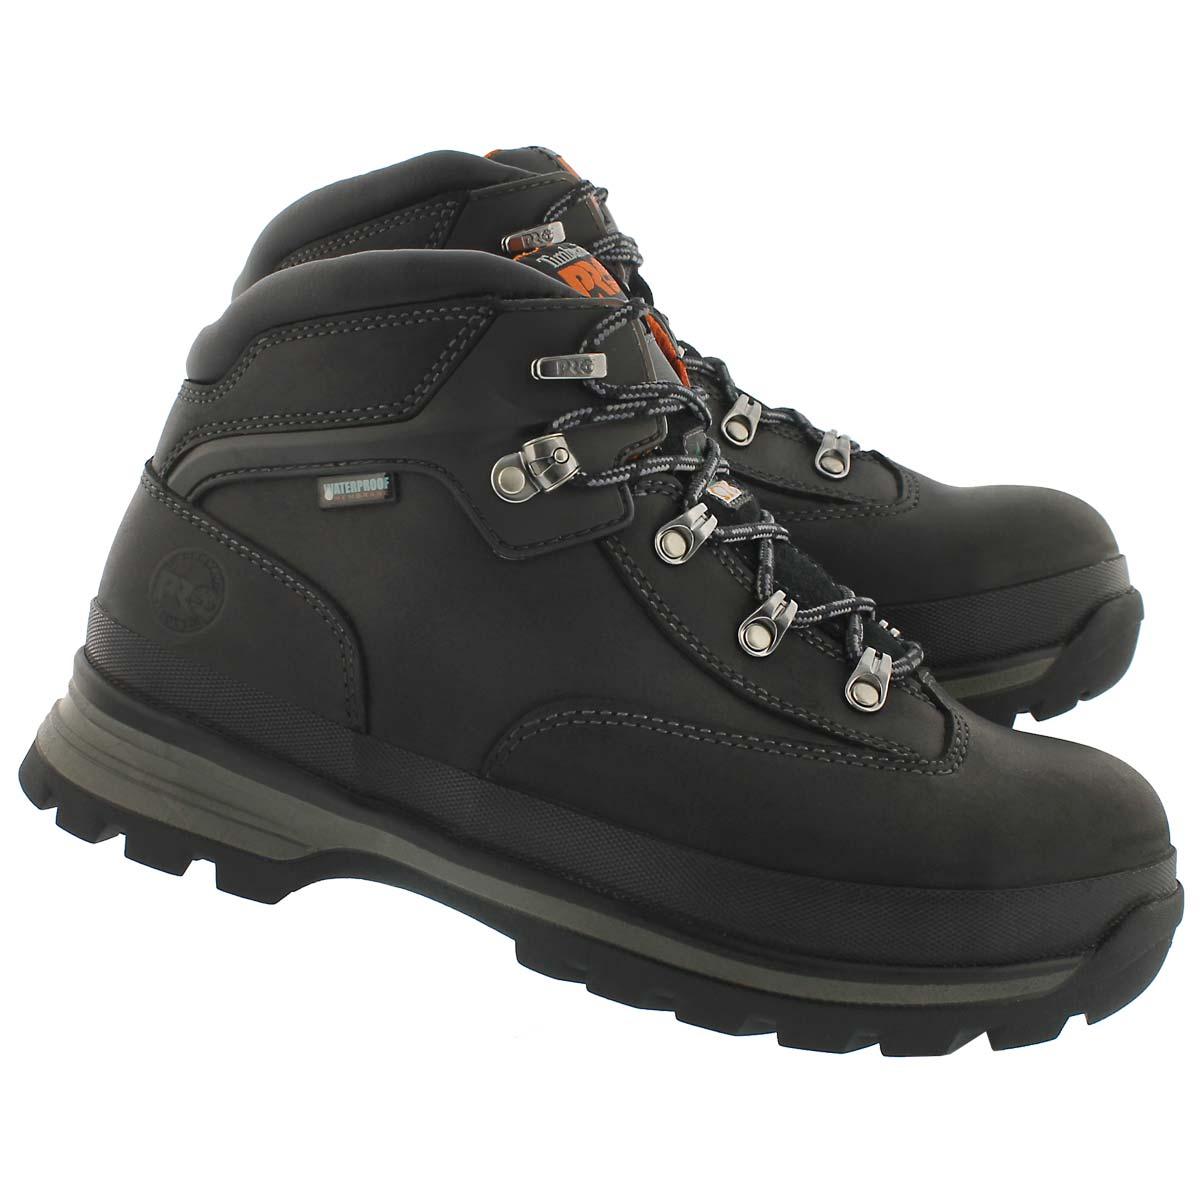 Mns Euro Hiker black wtpf CSA boot